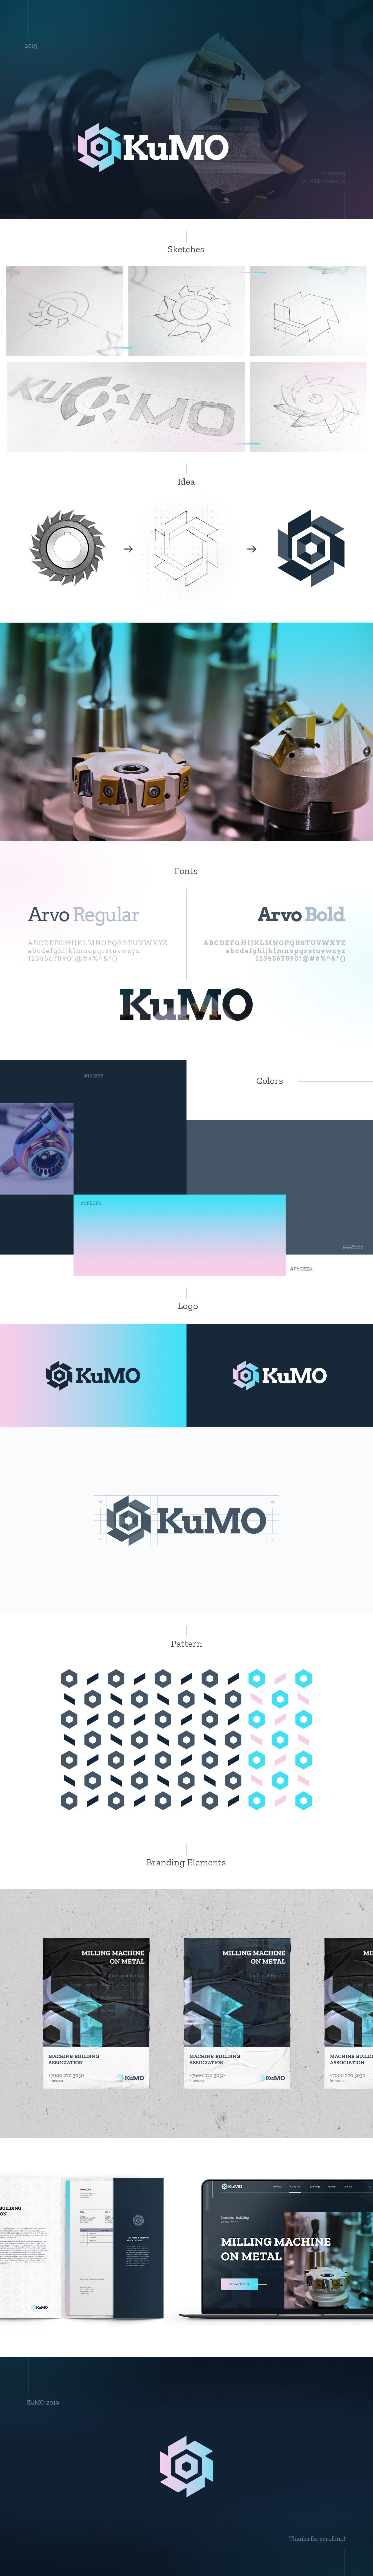 KuMO_Be_